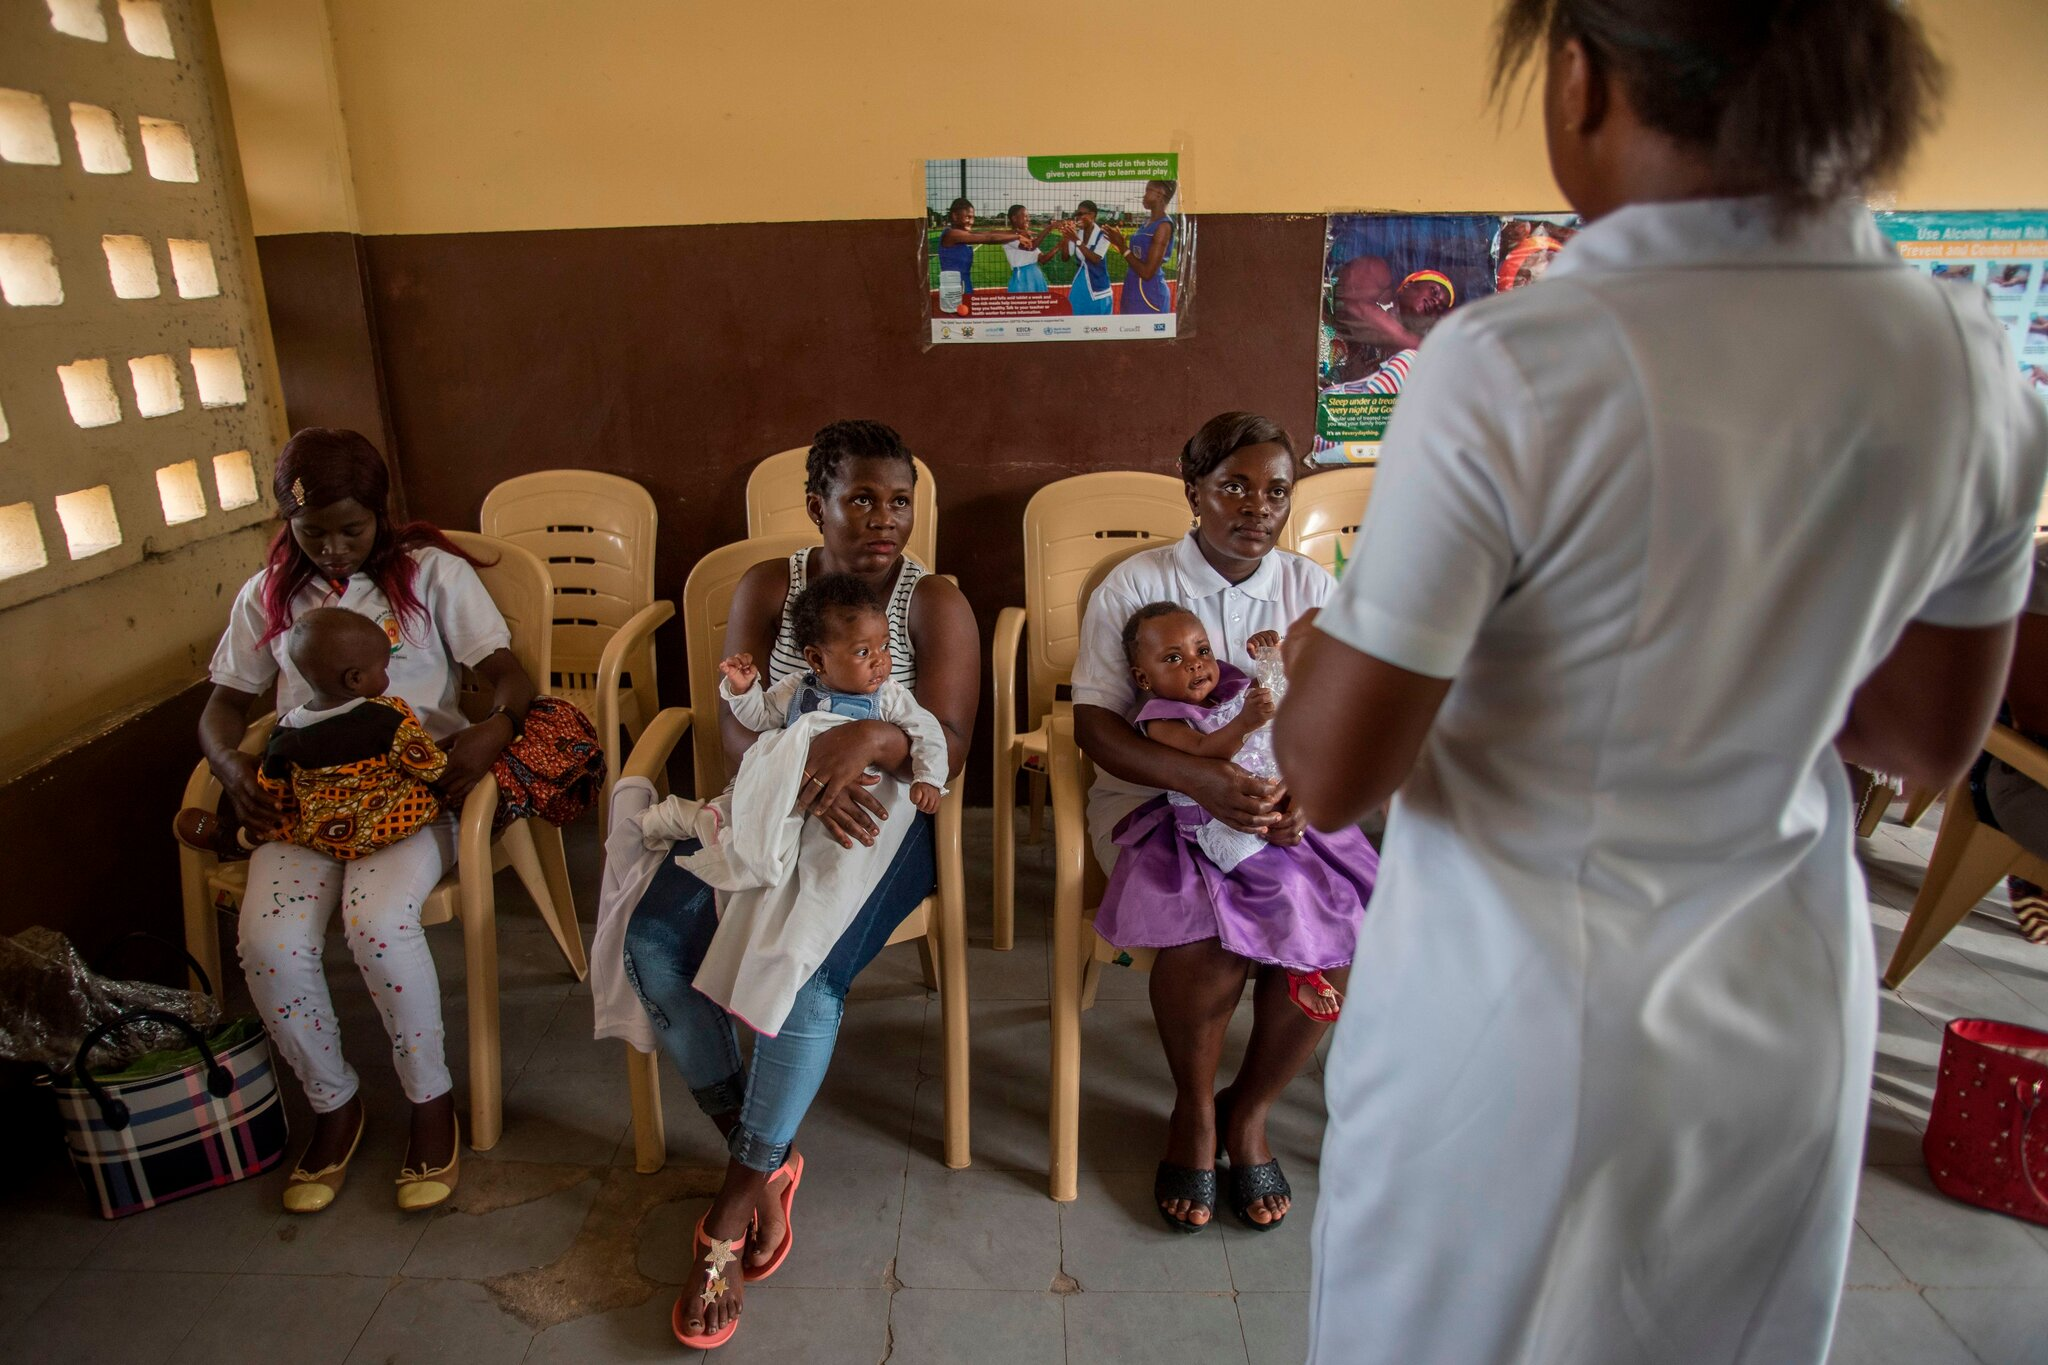 منظمة الصحة العالمية تجيز أول لقاح للملاريا